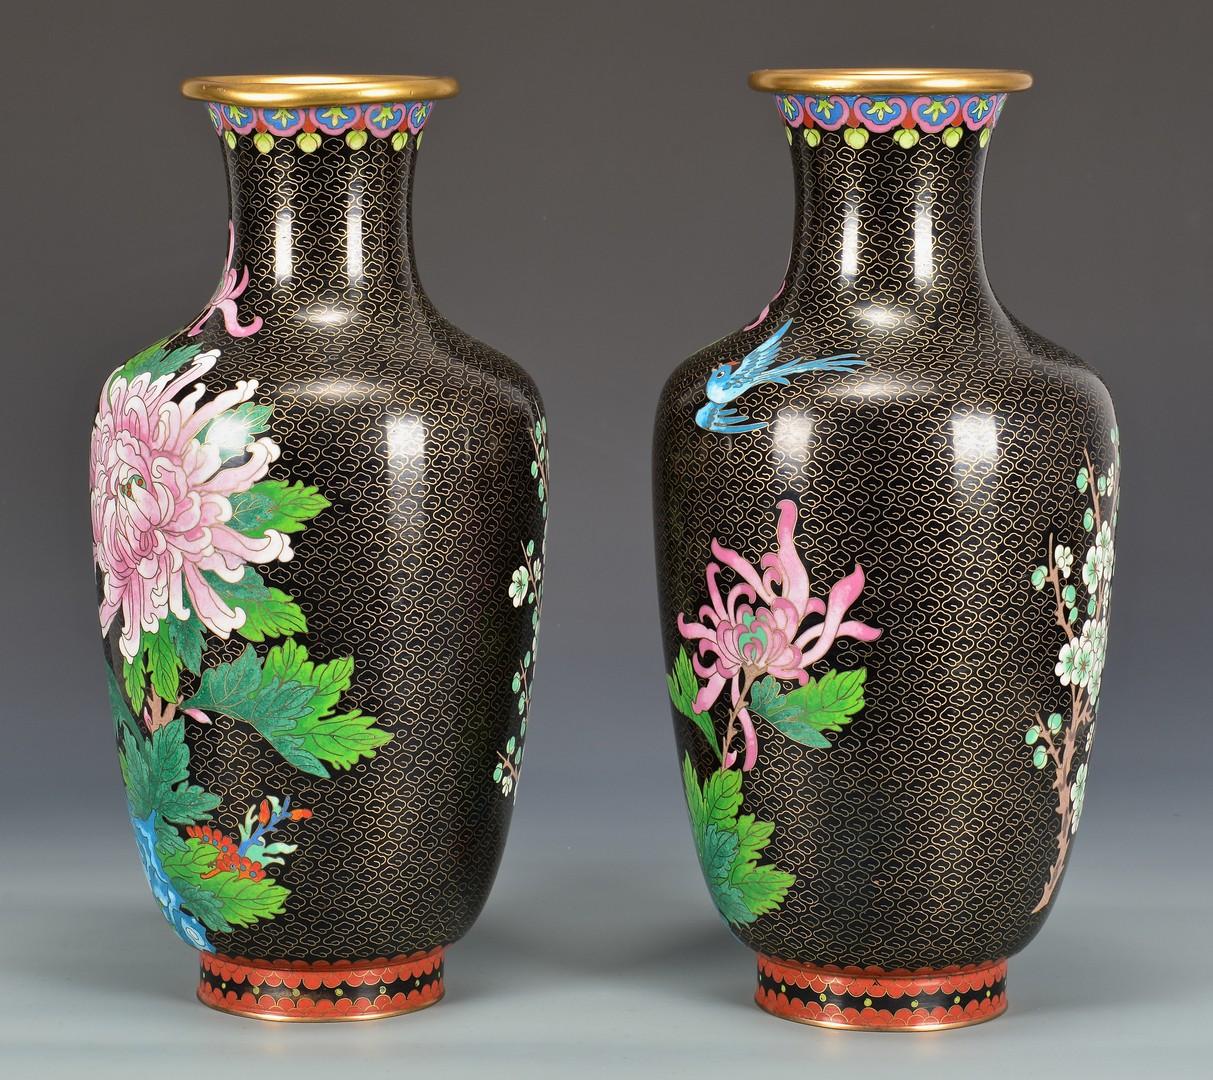 Lot 765: Group of Cloisonne, Pr. Vases & Planter, 3 items